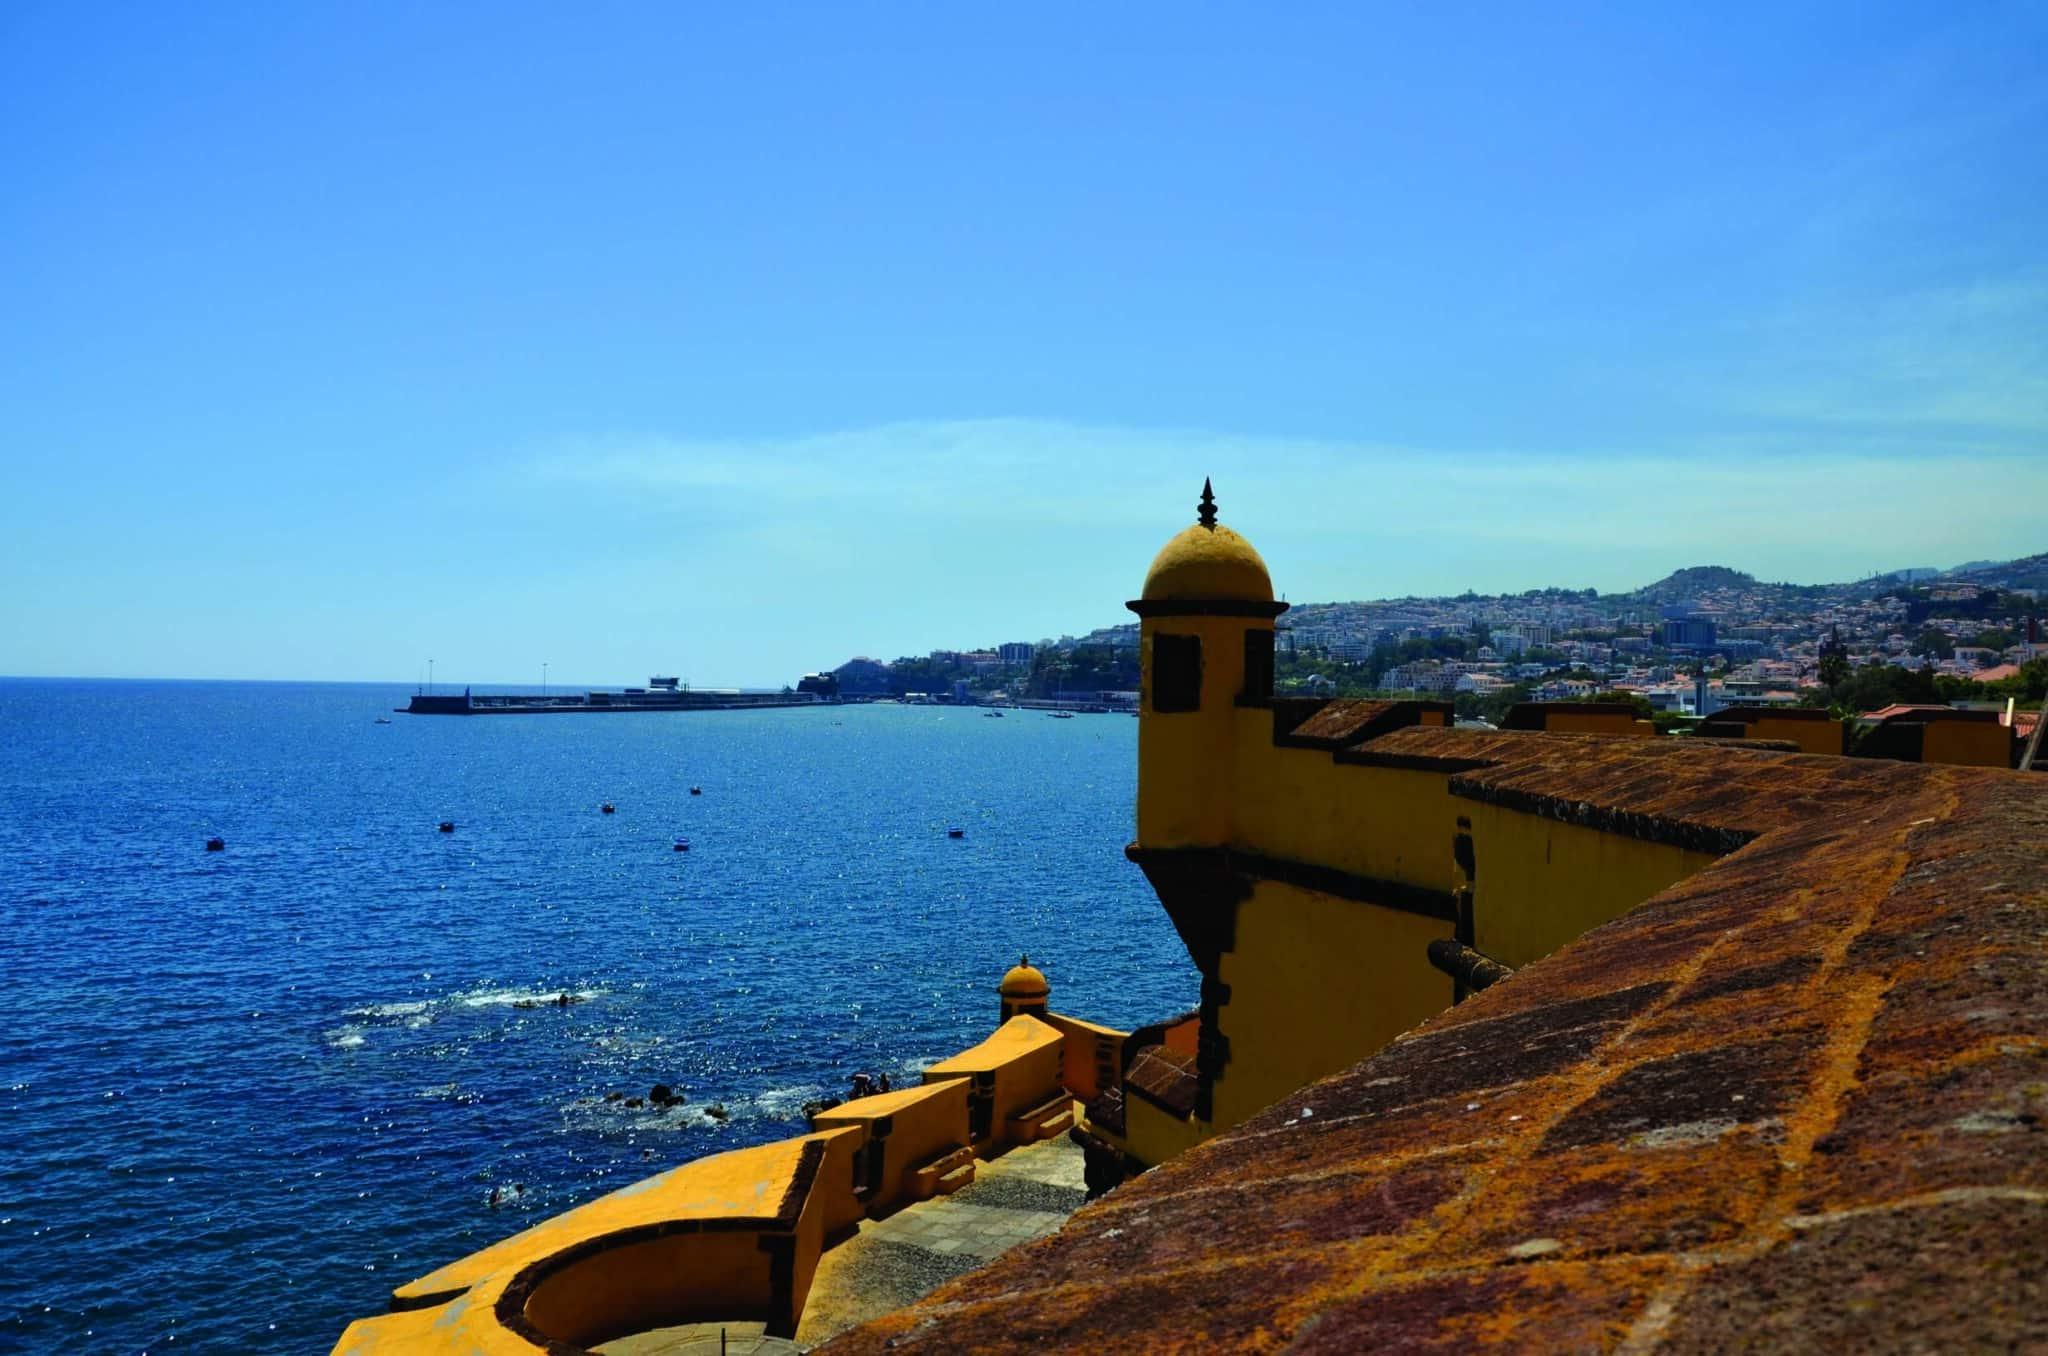 Forte-de-São-Tiago_Crédito-Divulgação-Turismo-da-Madeira